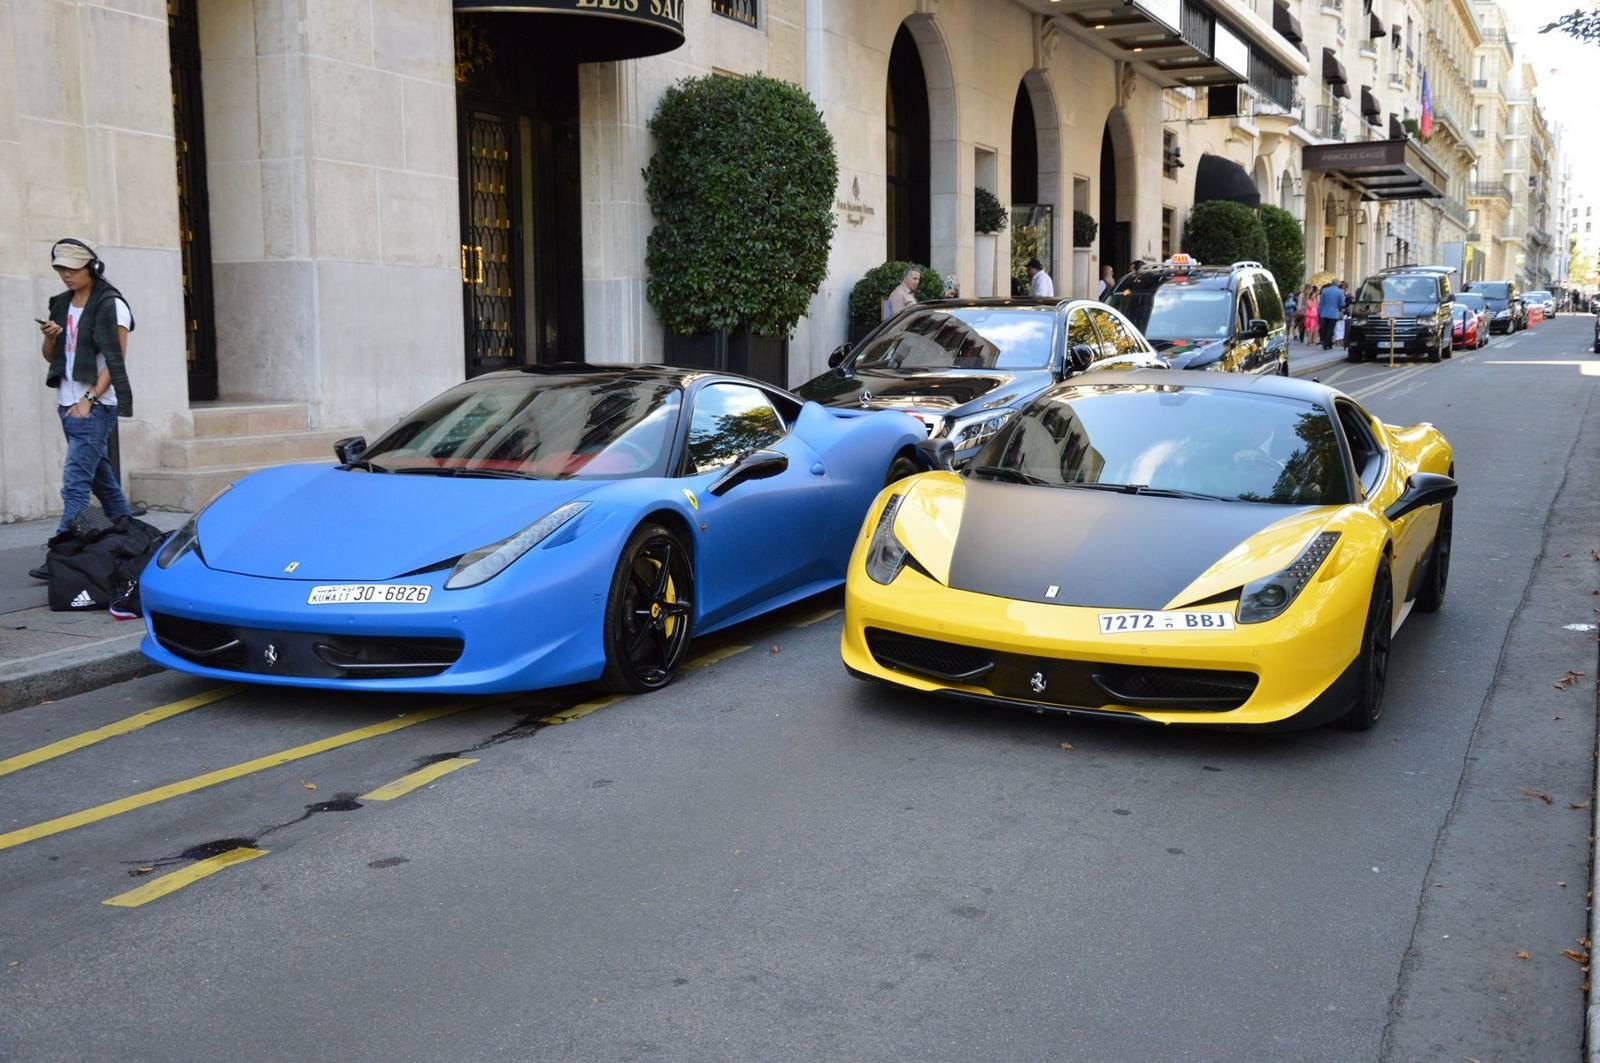 matt blue and yellow ferrari 458 italia duo in paris - Ferrari 458 Italia Blue